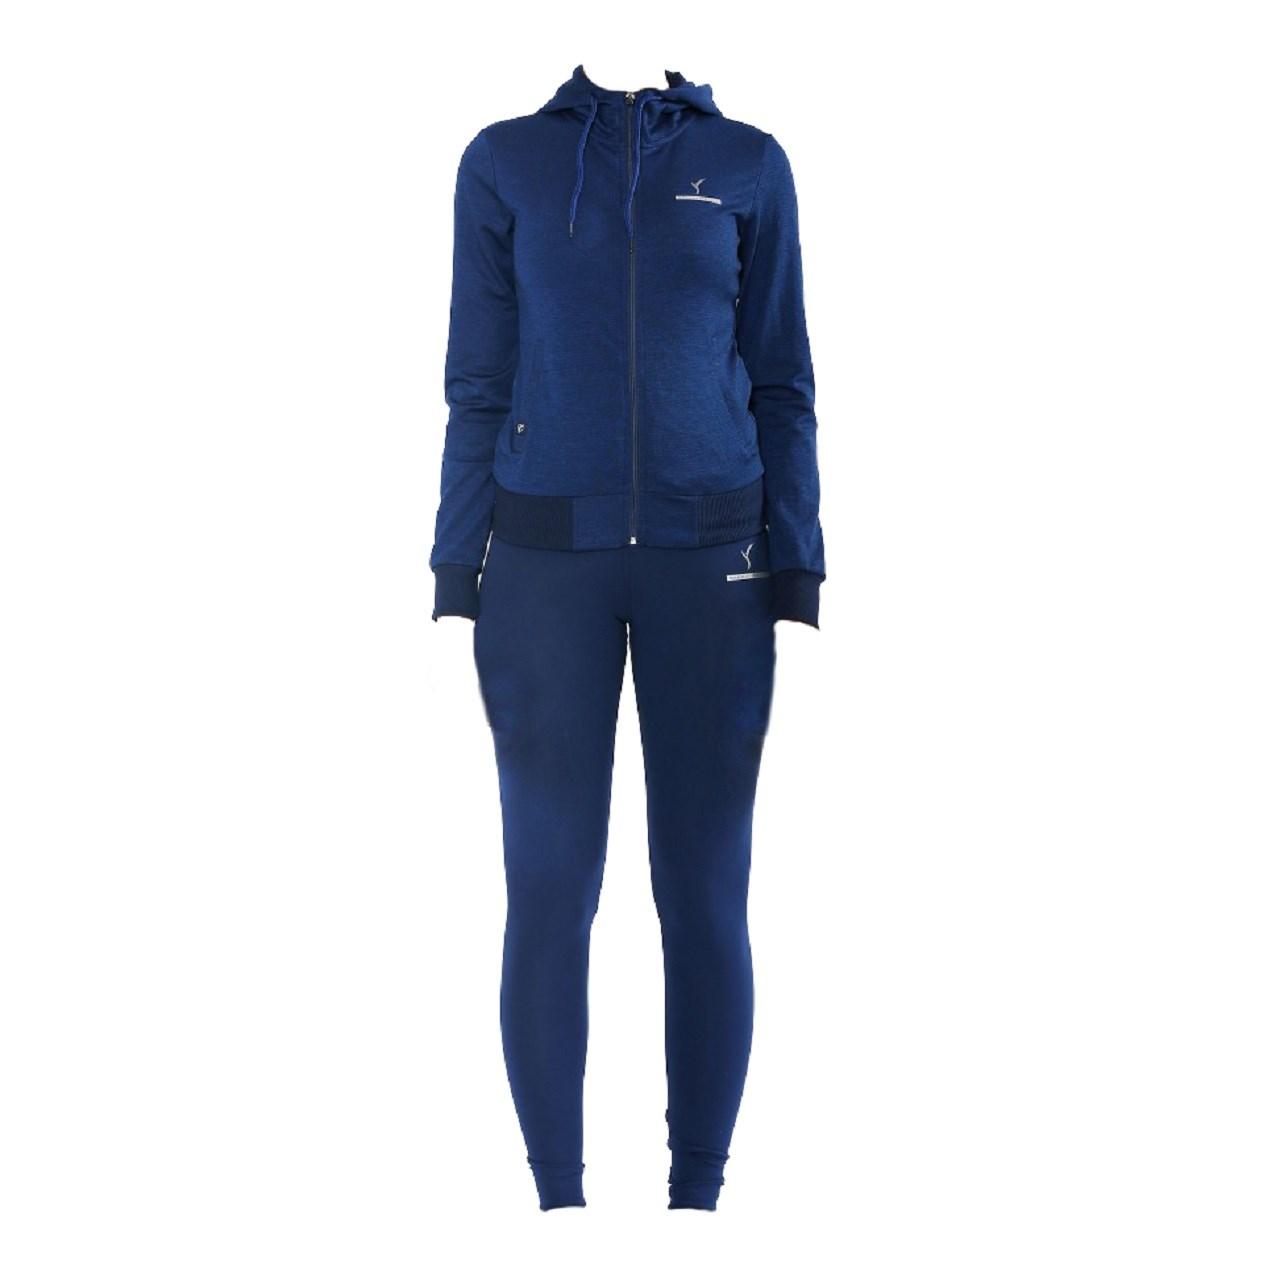 ست گرمکن و شلوار ورزشی زنانه اسپید لایف مدل ITALY D.BLUE